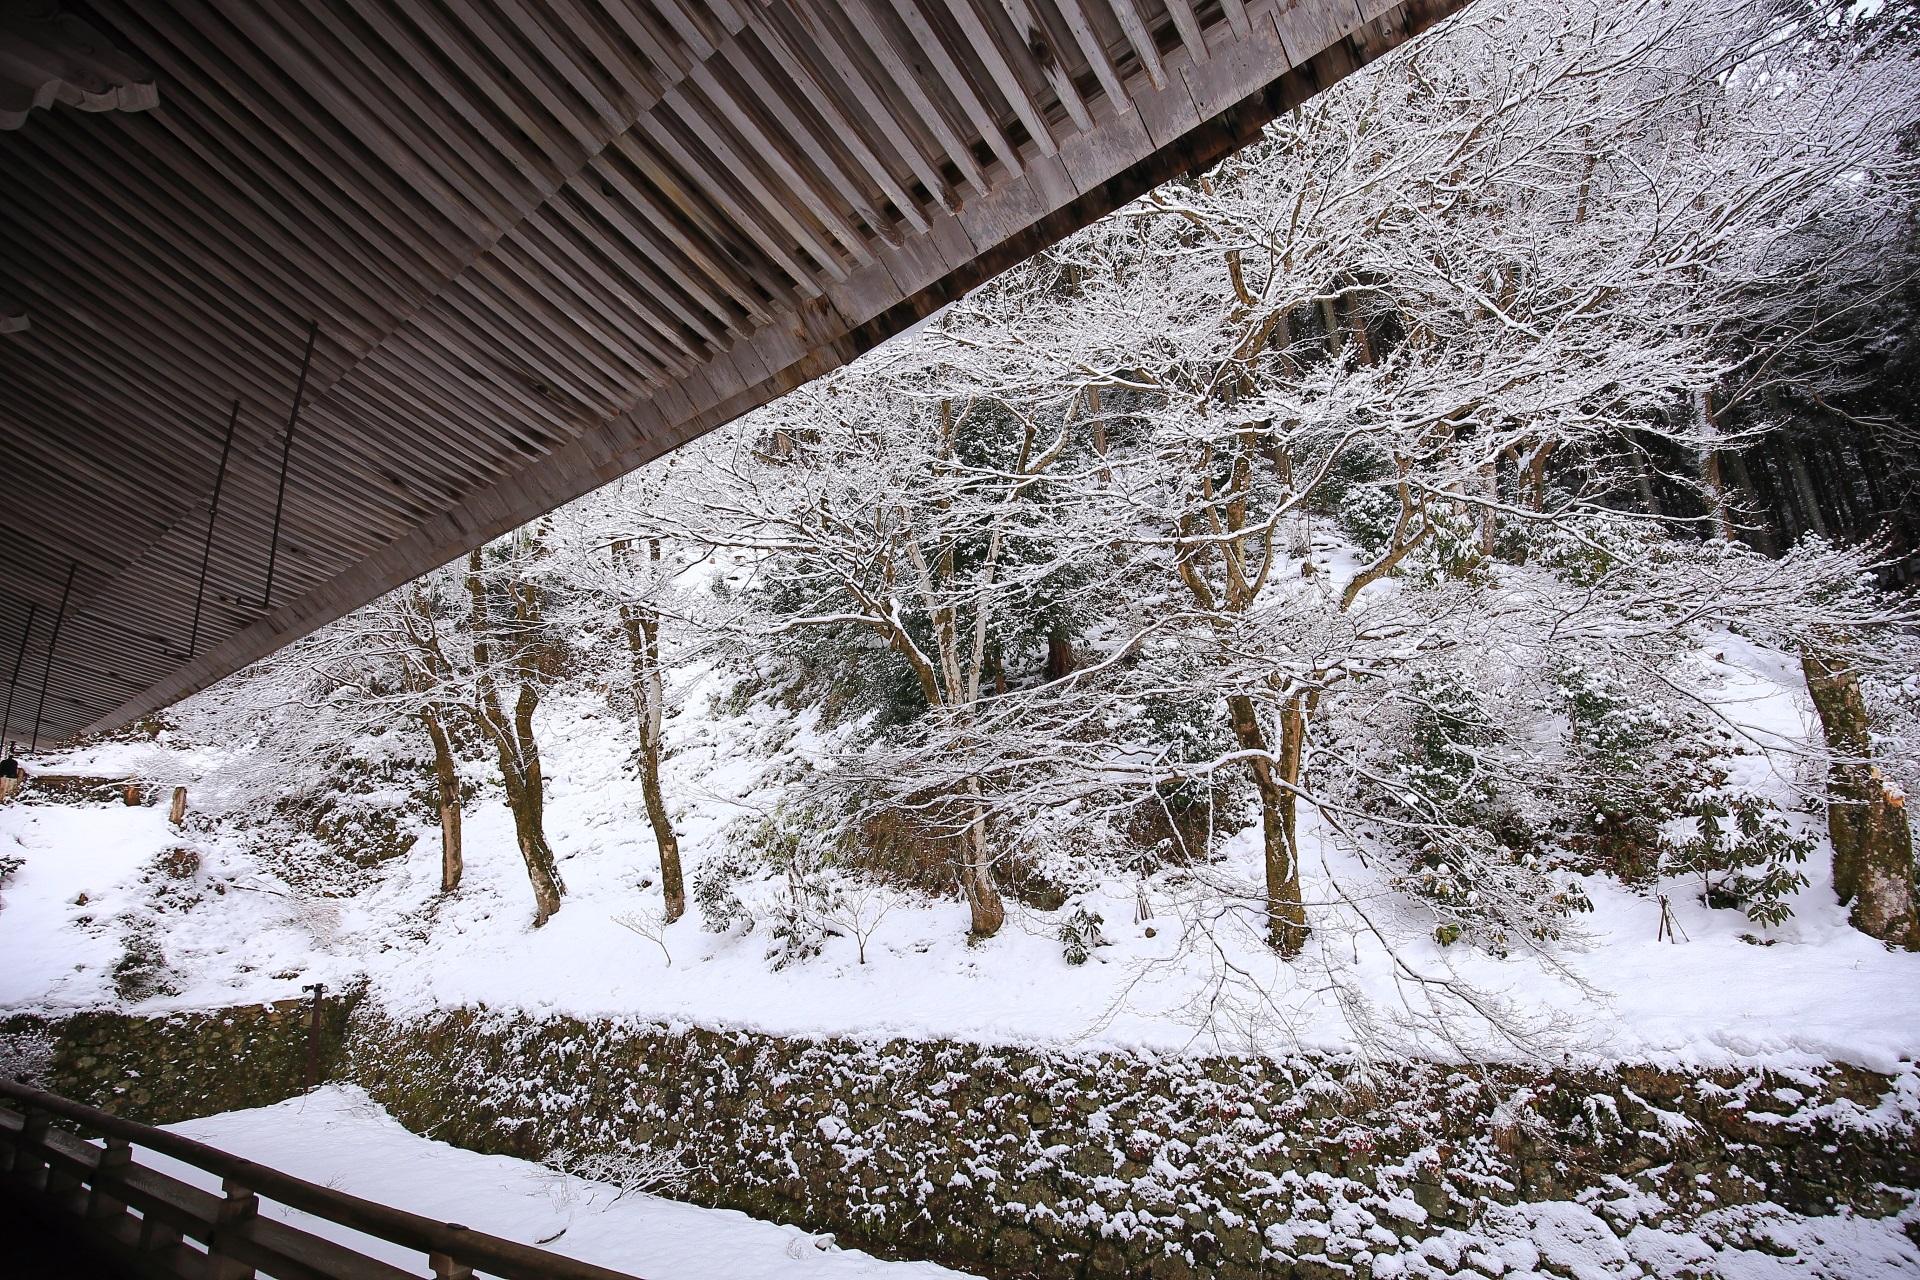 誰もいない独り占めの素晴らしい雪景色